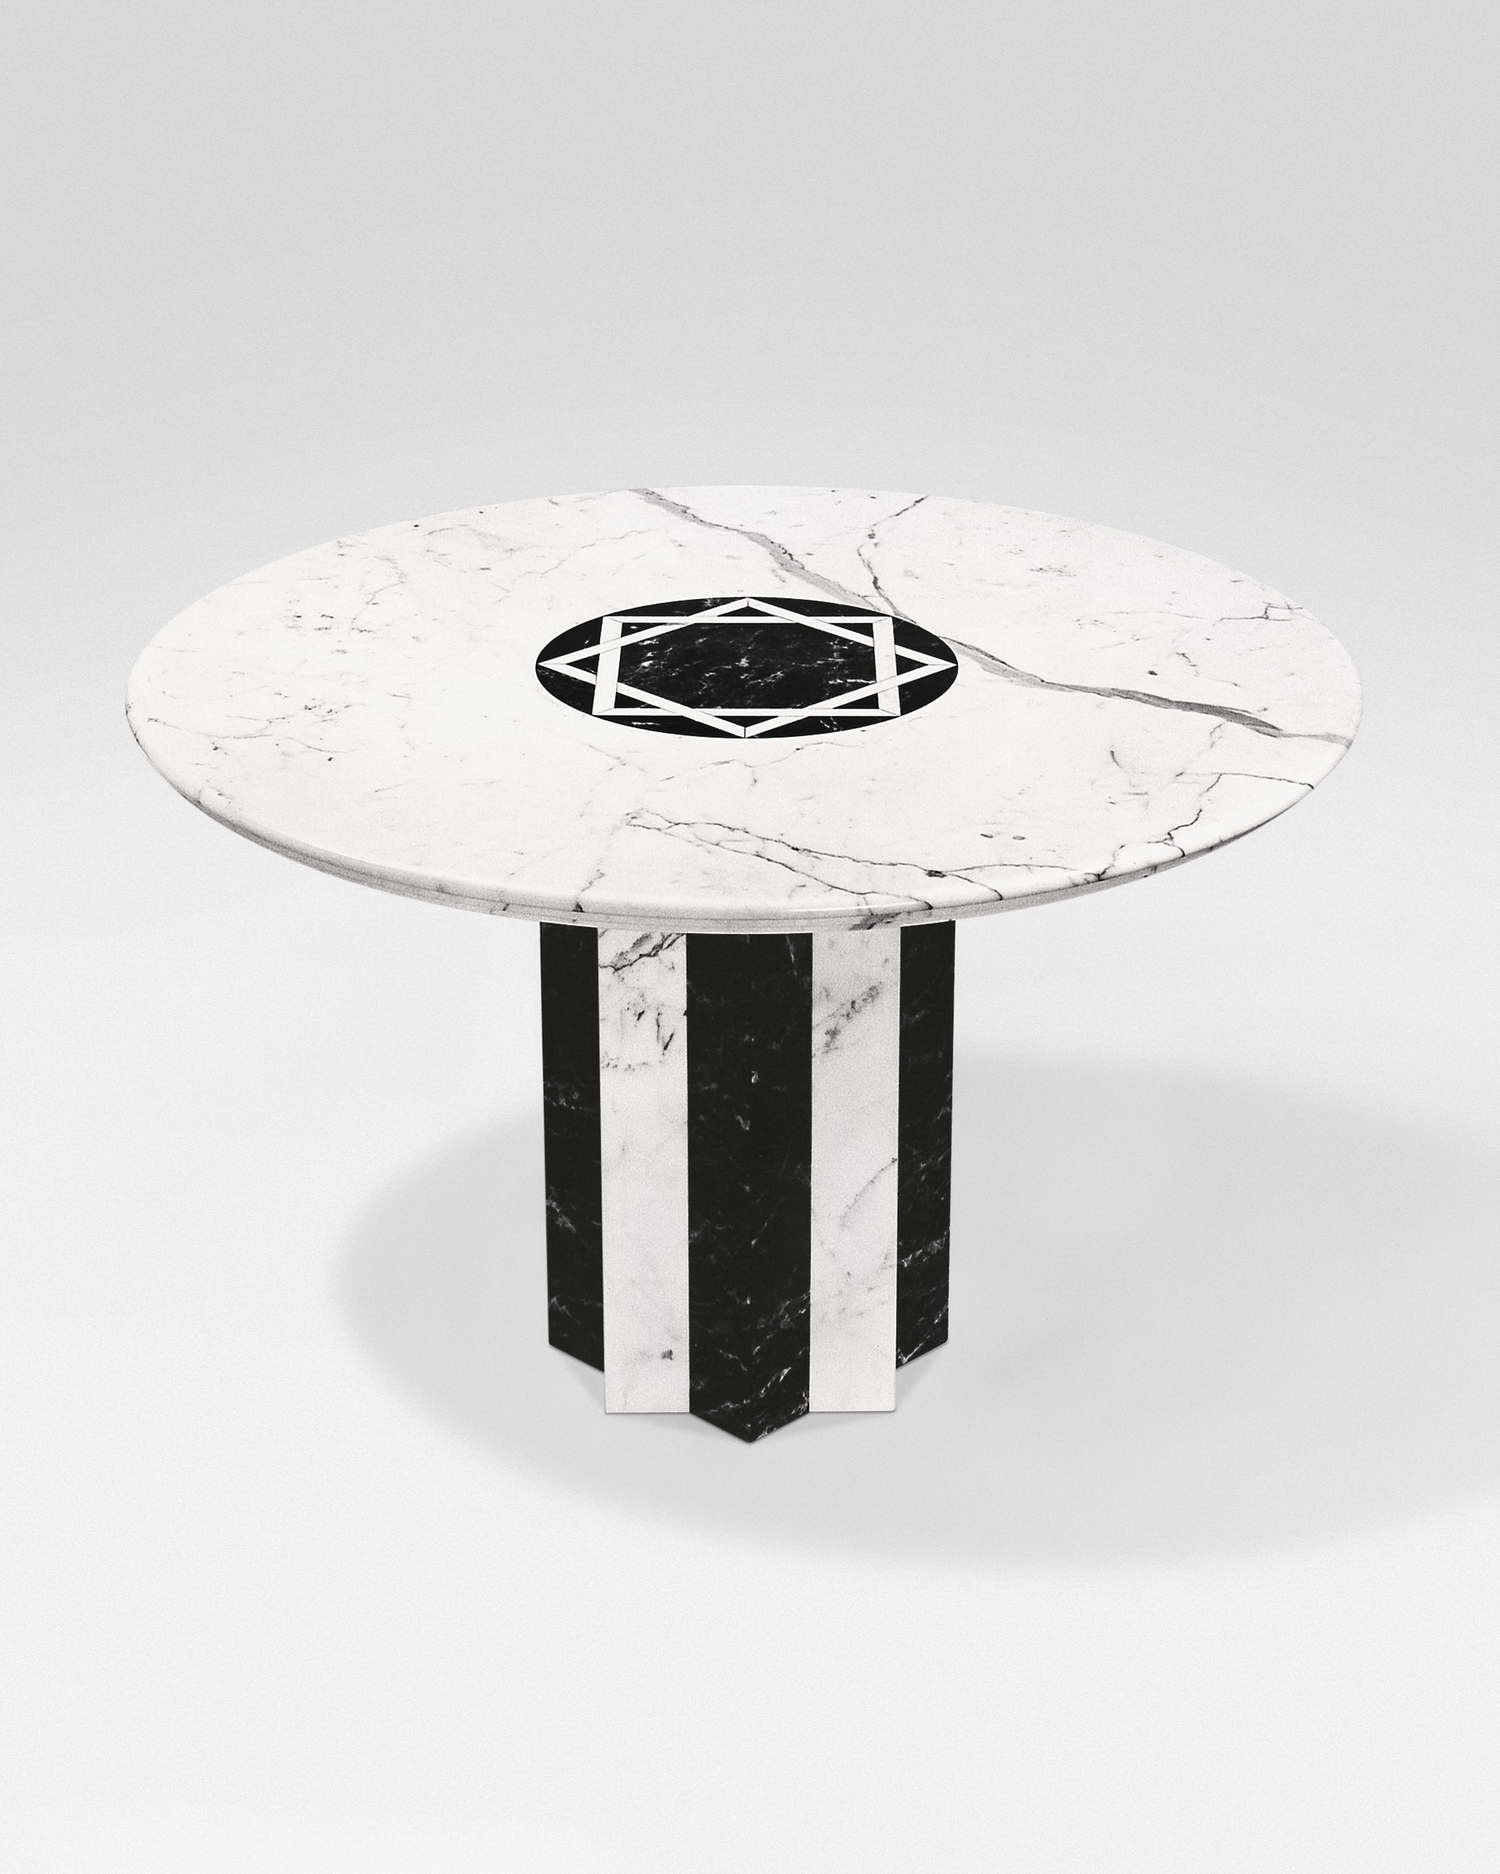 Astra Tavolo In Marmo Architetto Adolfo Natalini Cm 180x130 Ovale